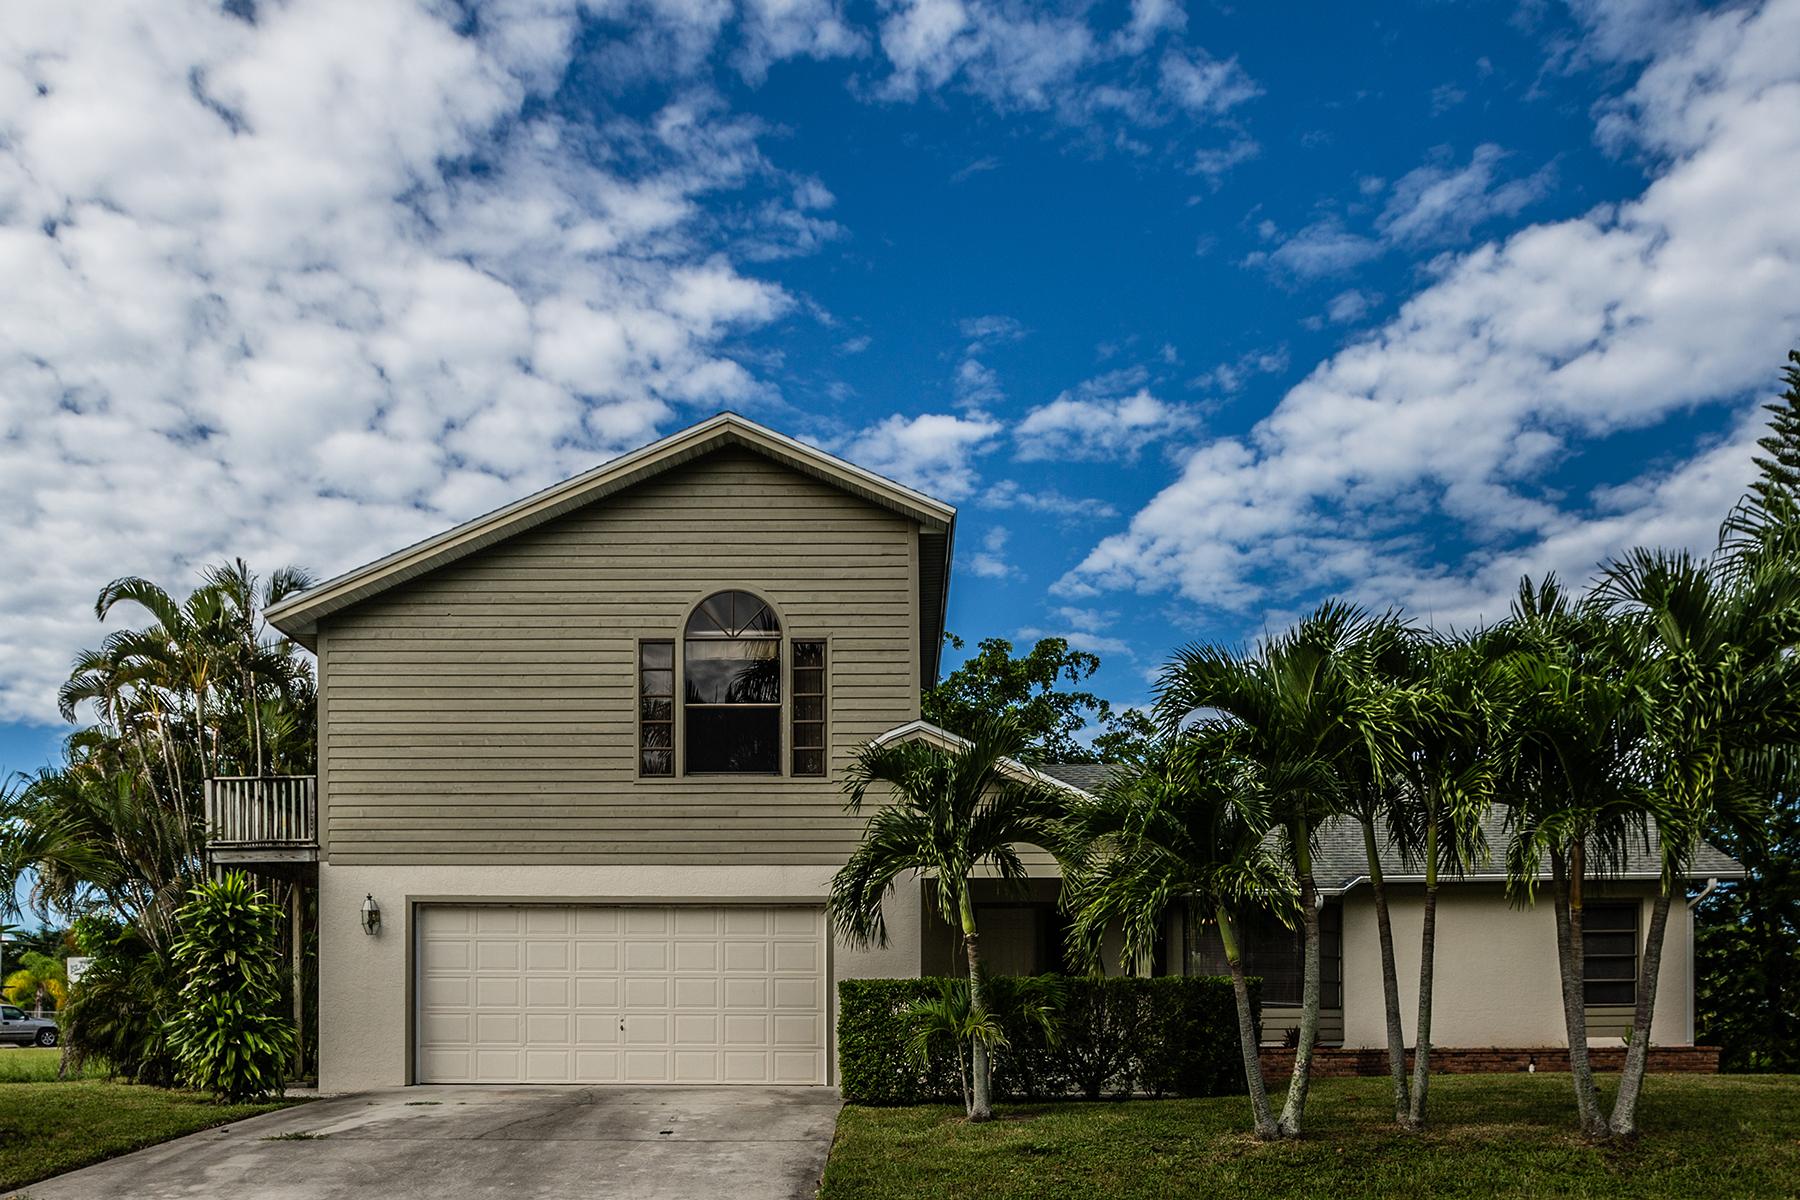 Einfamilienhaus für Verkauf beim MARCO ISLAND - COVEWOOD COURT 20 Covewood Ct Marco Island, Florida, 34145 Vereinigte Staaten